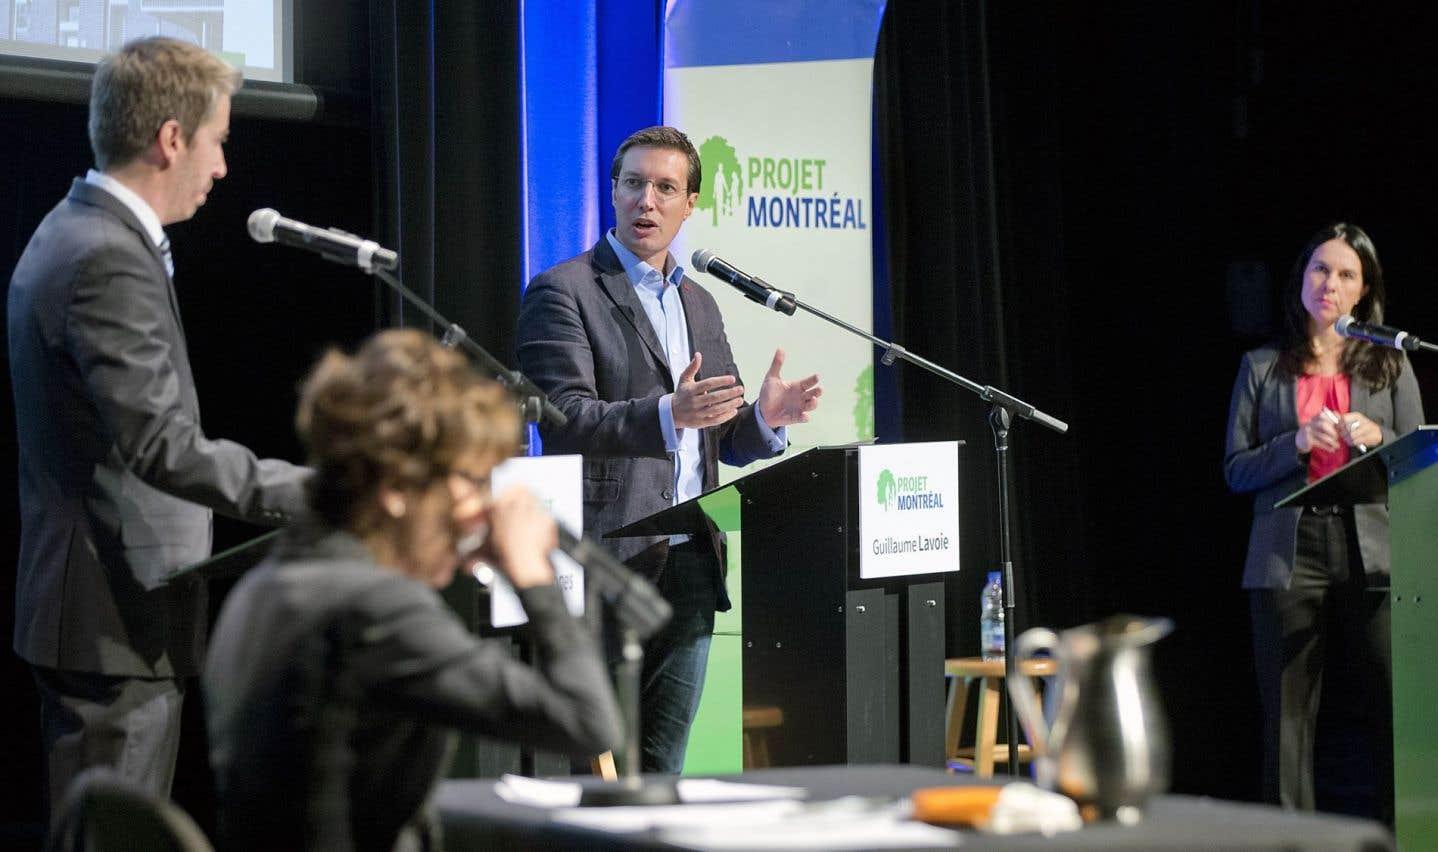 Chefferie de Projet Montréal: Ferrandez a une préférence pour Valérie Plante